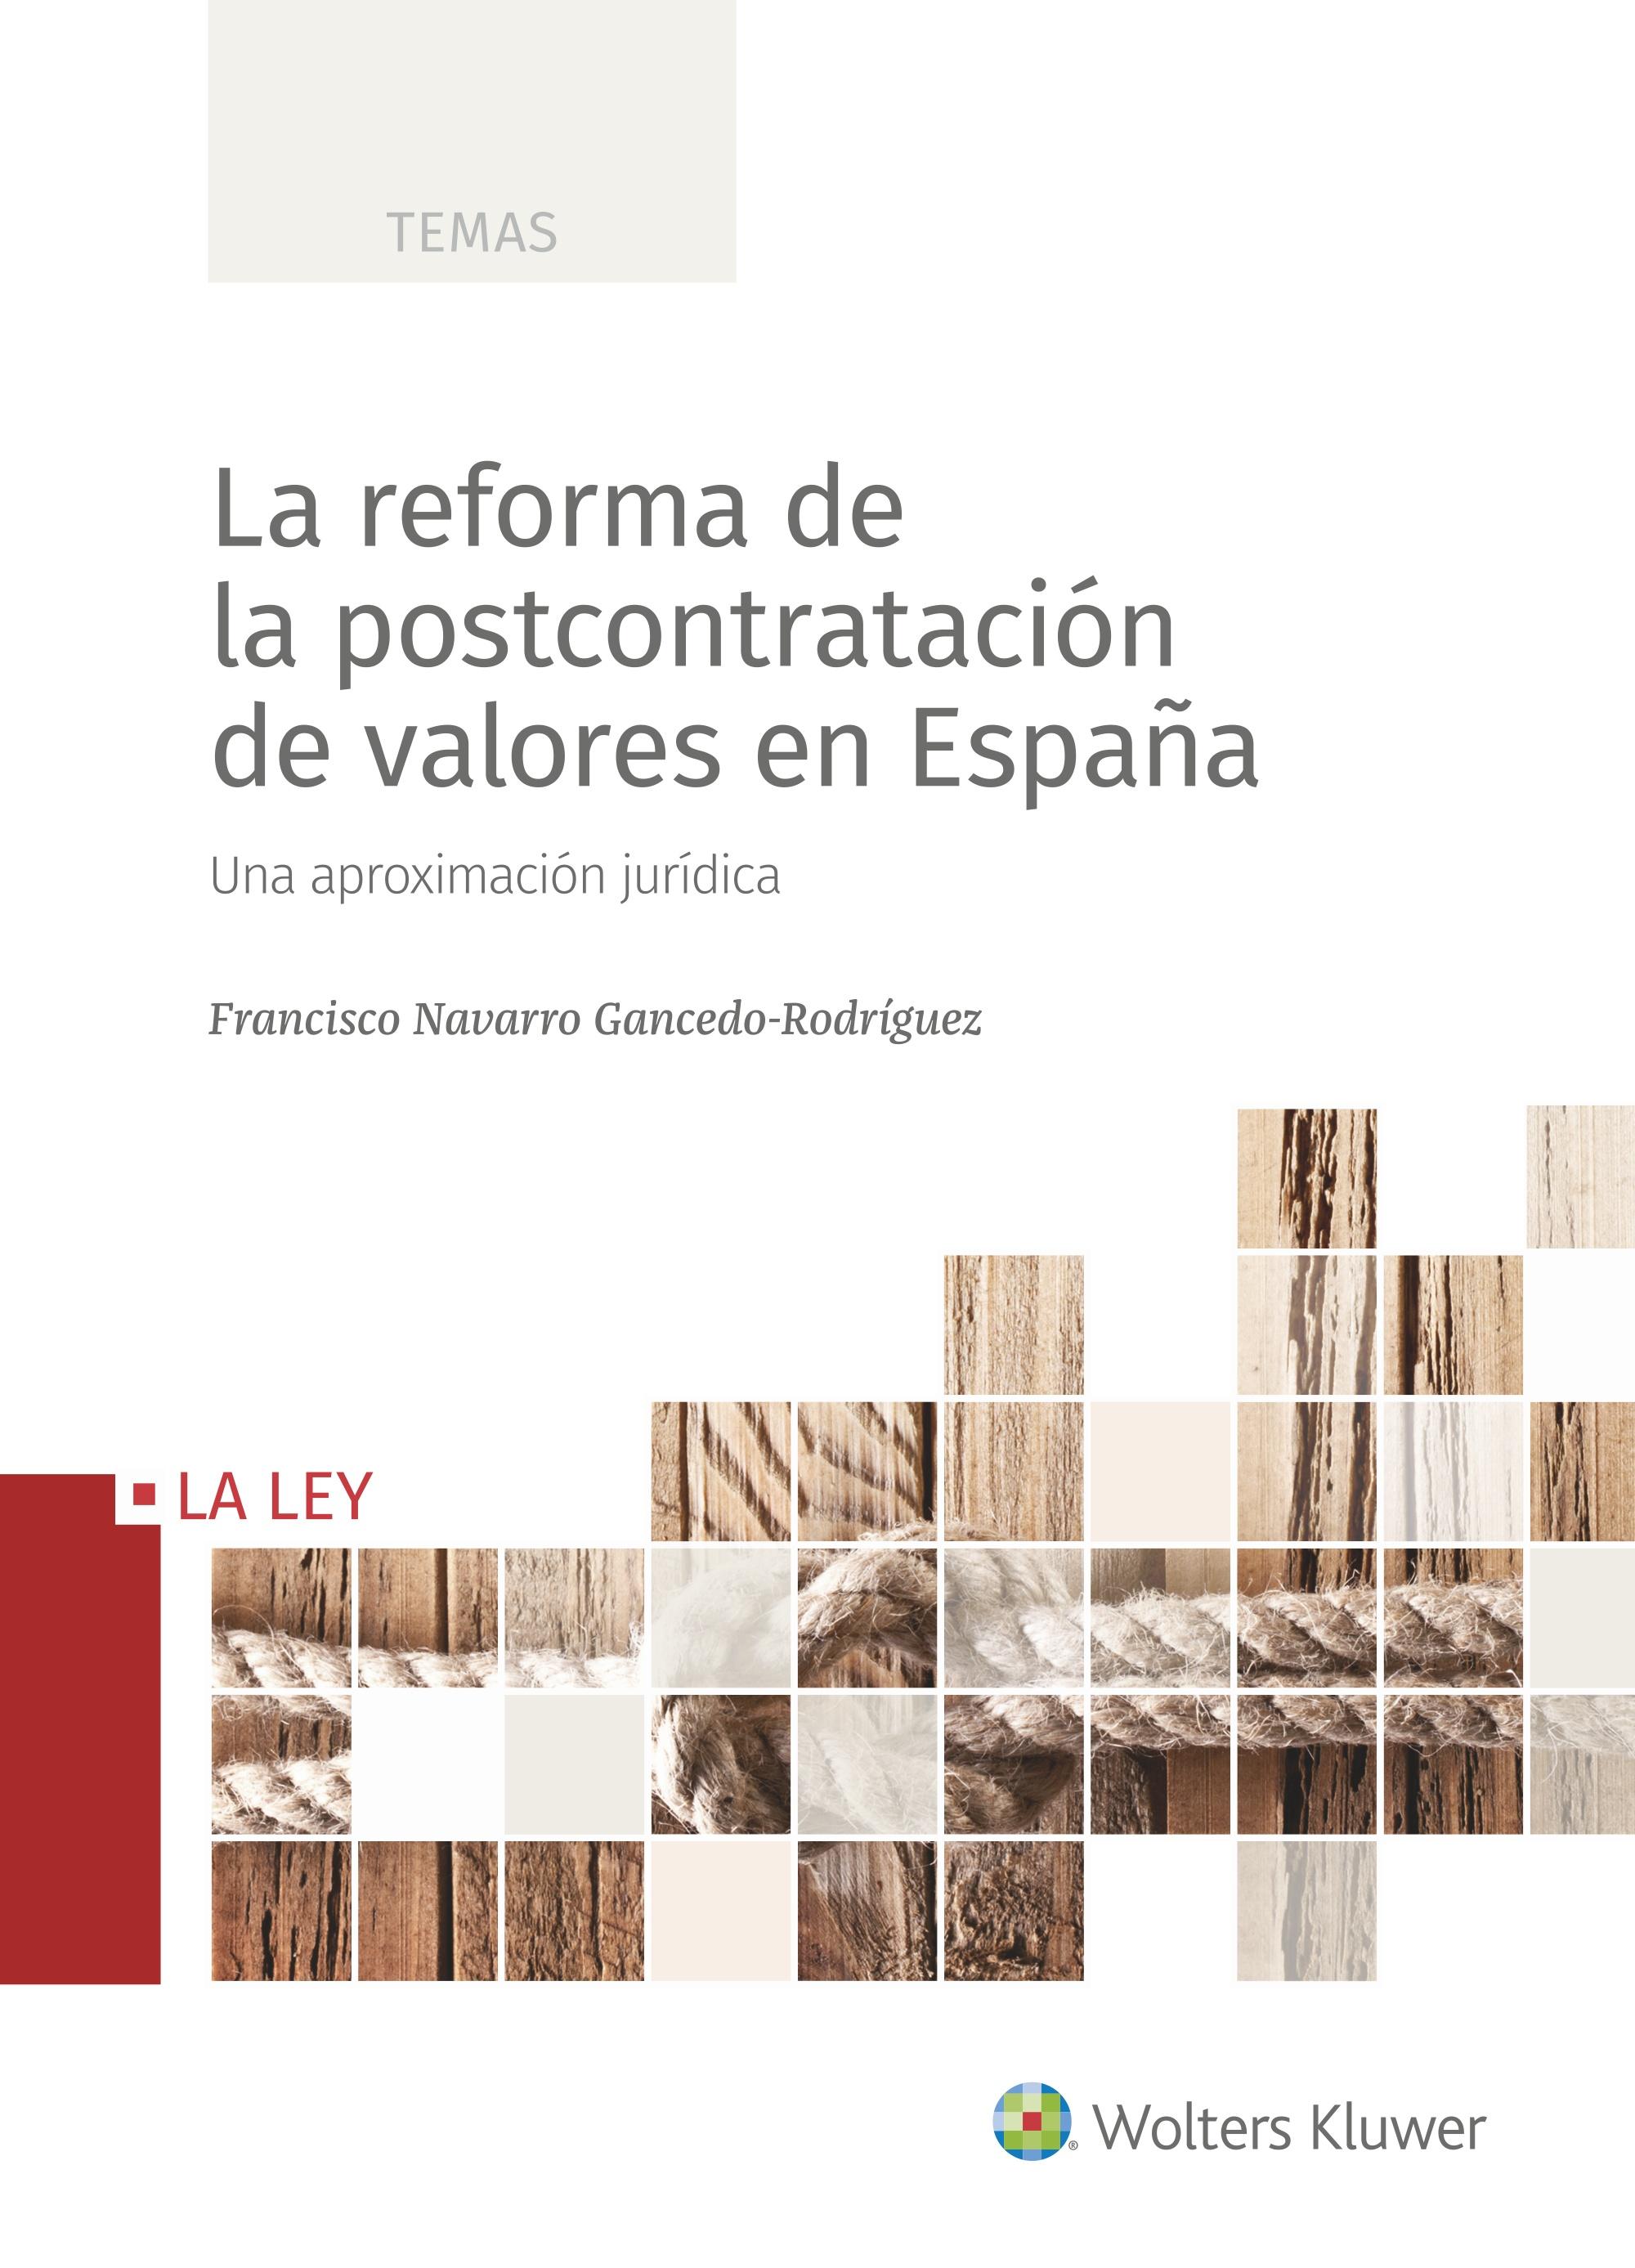 LA REFORMA DE LA POSTCONTRATACION DE VALORES EN ESPAÑA